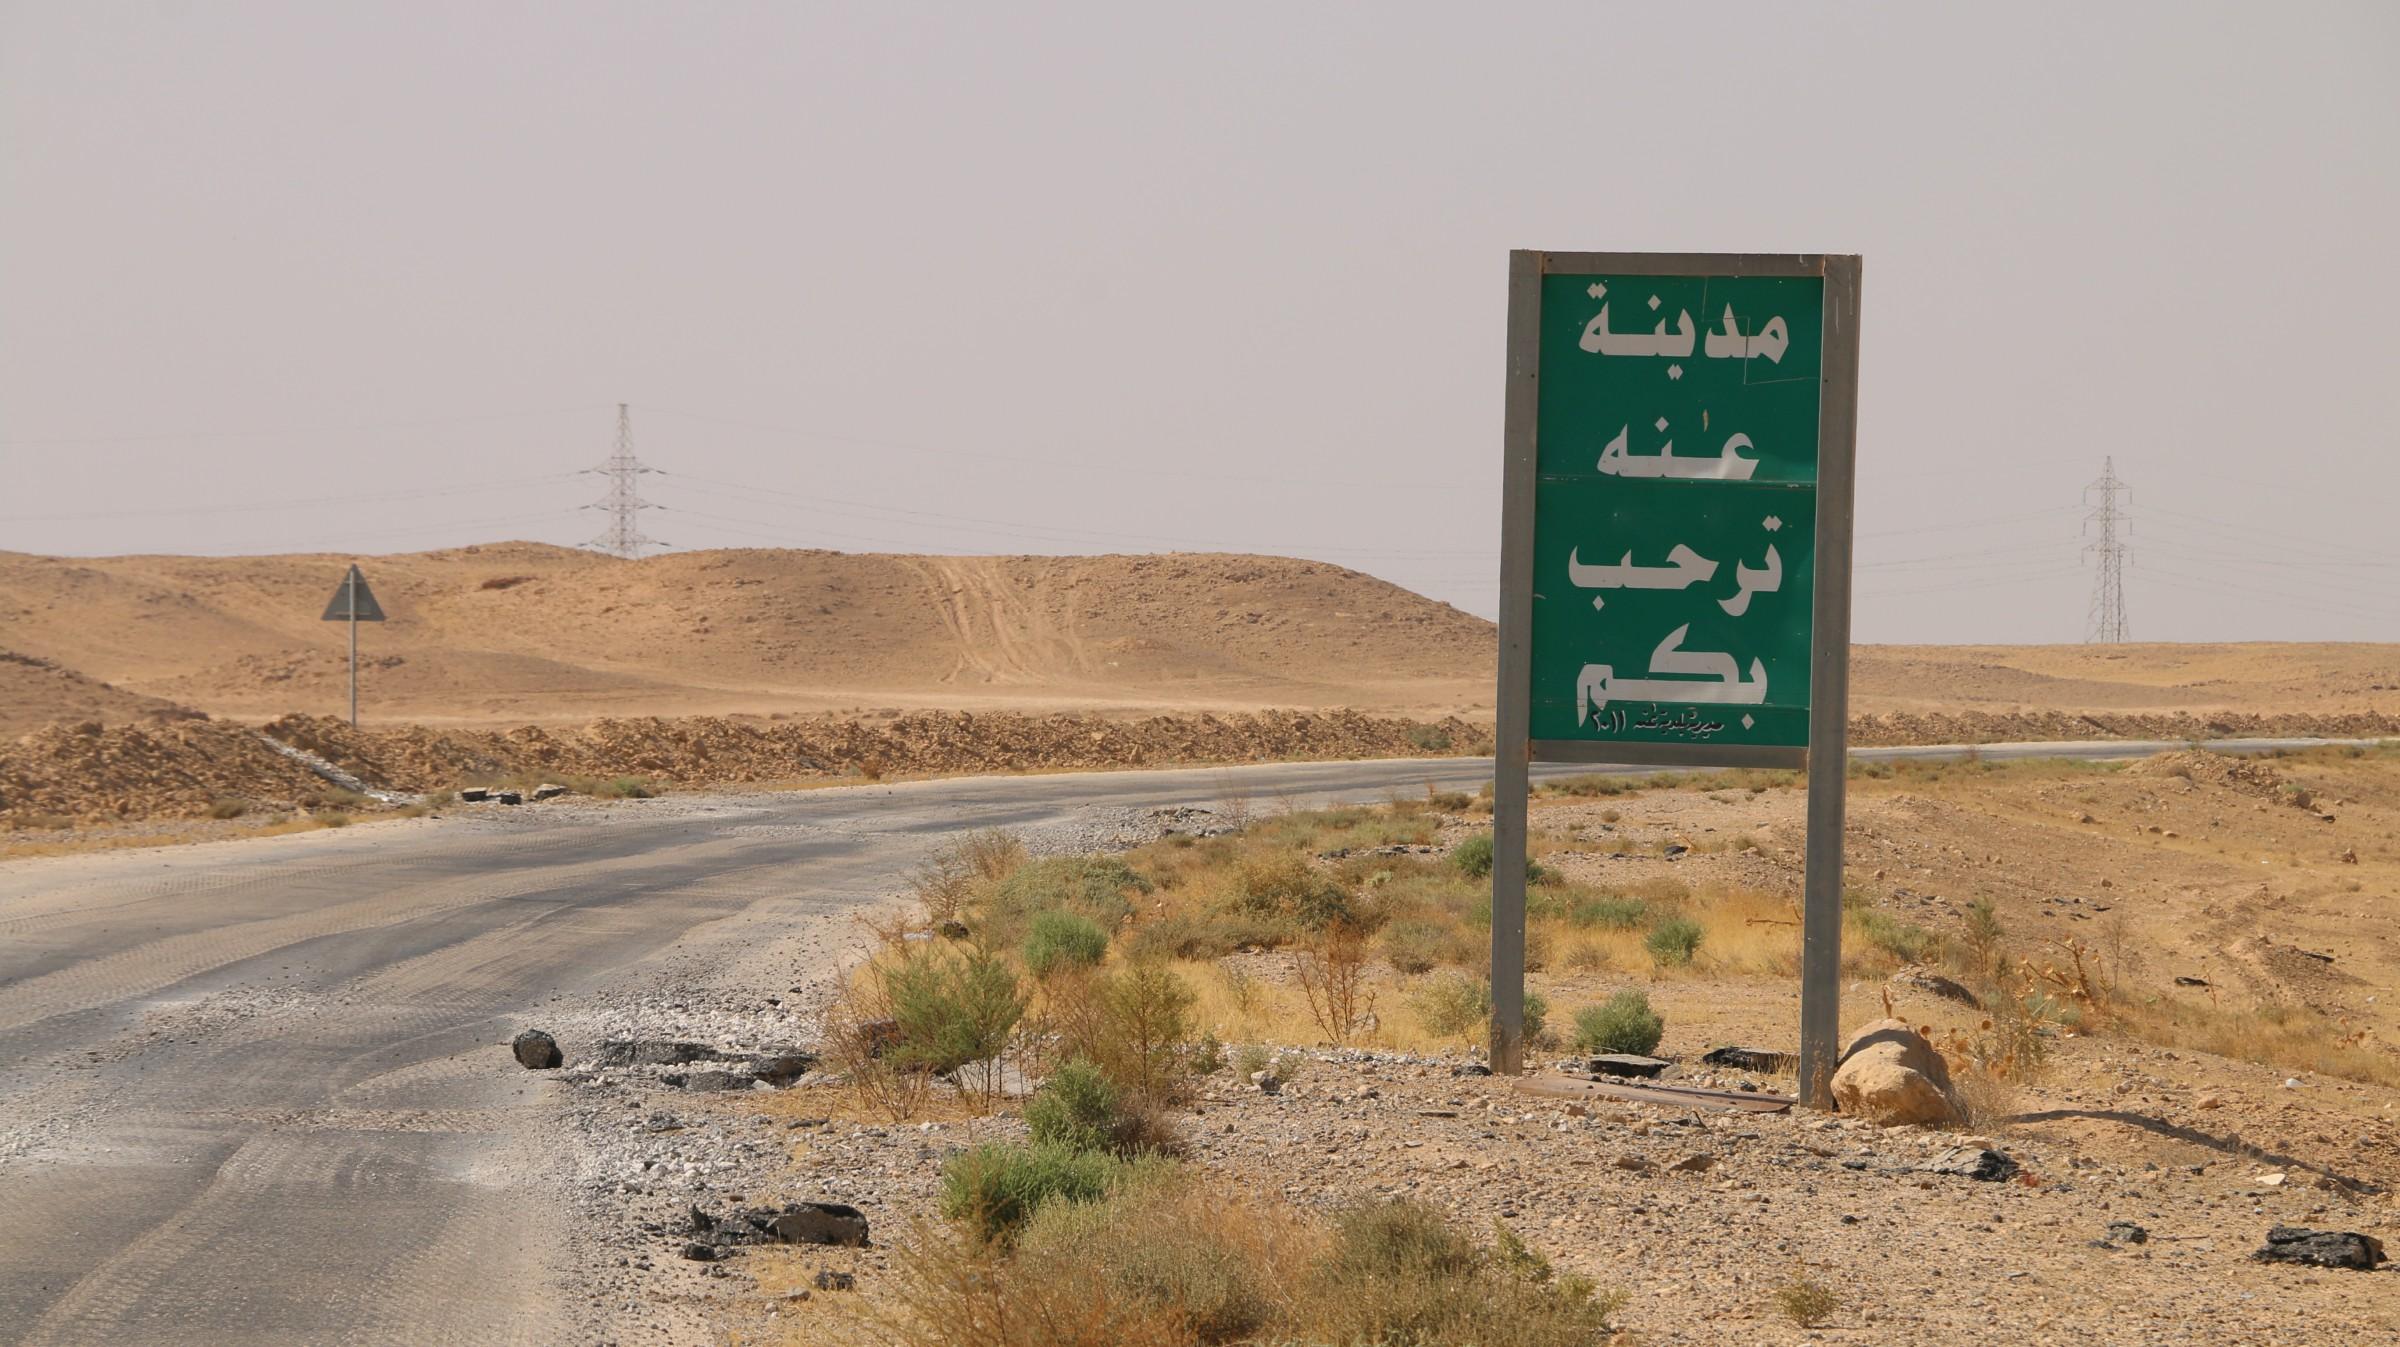 مسؤول انباري: 300 شخص اختطفهم داعش عام 2014 وما يزال مصيرهم مجهولا